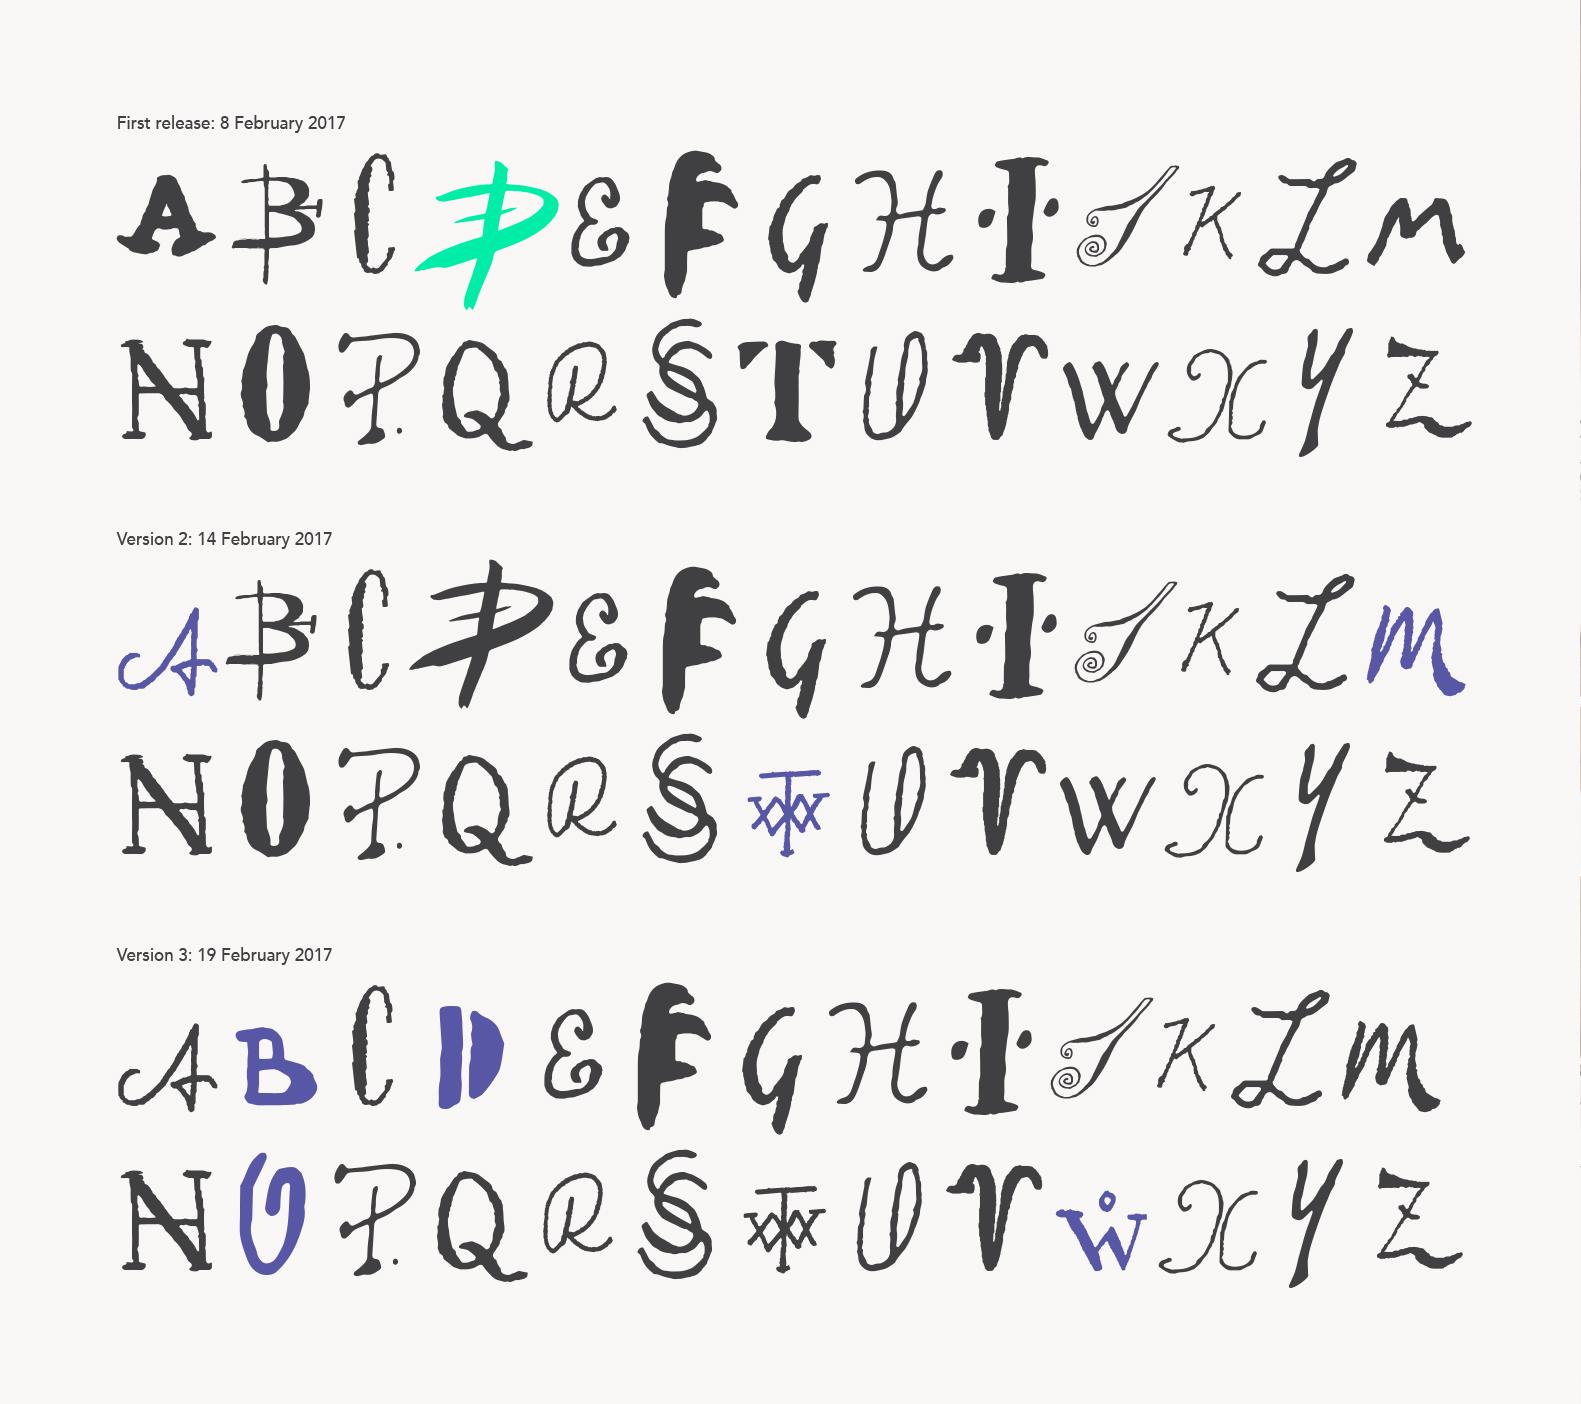 Artupia typography